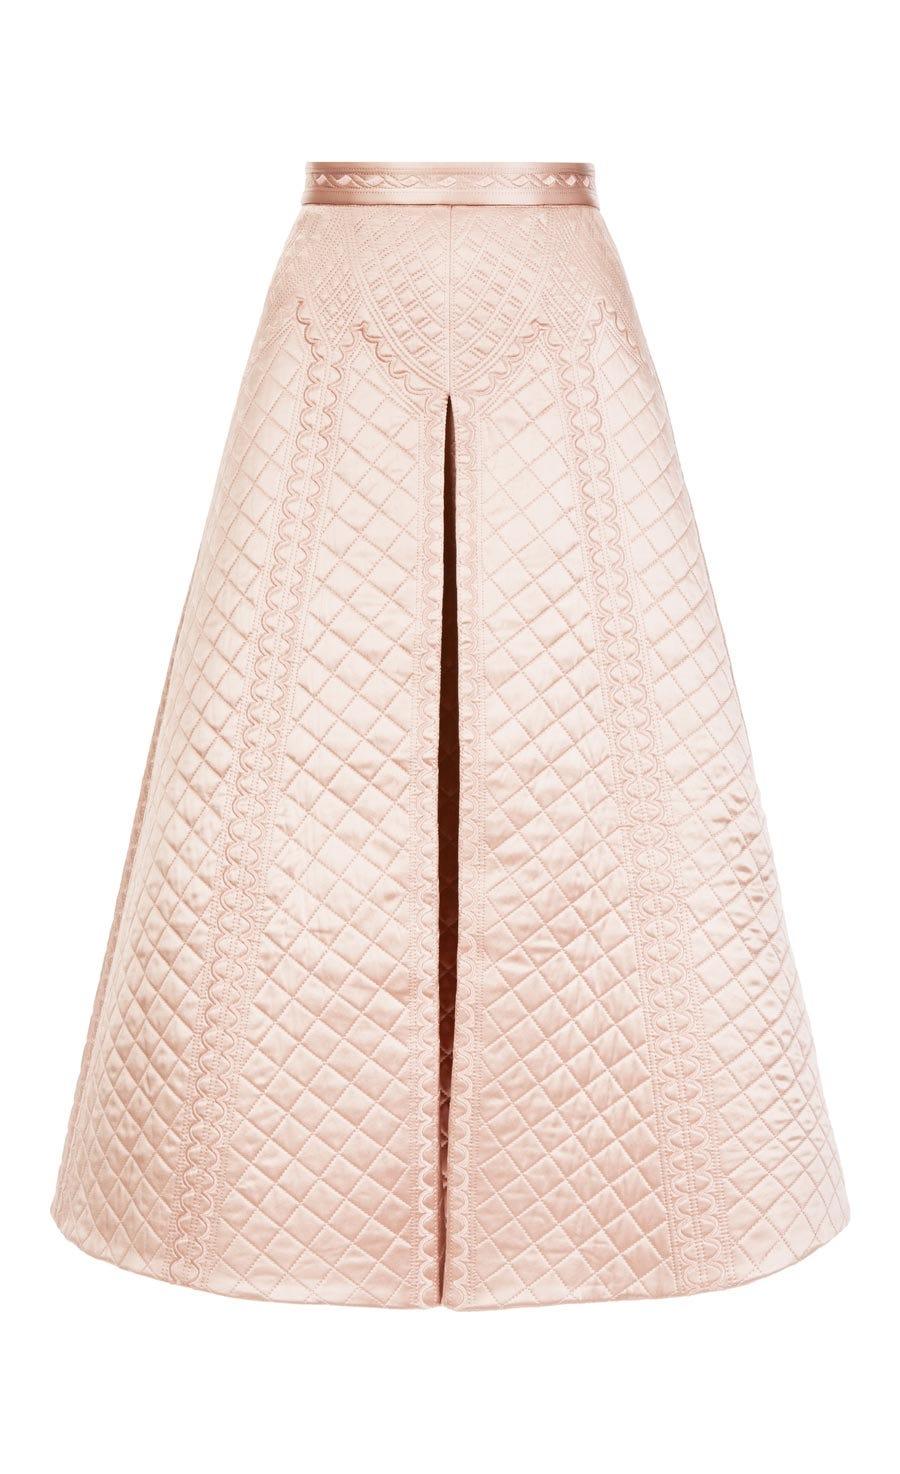 Dragon Skirt, Rose Quartz